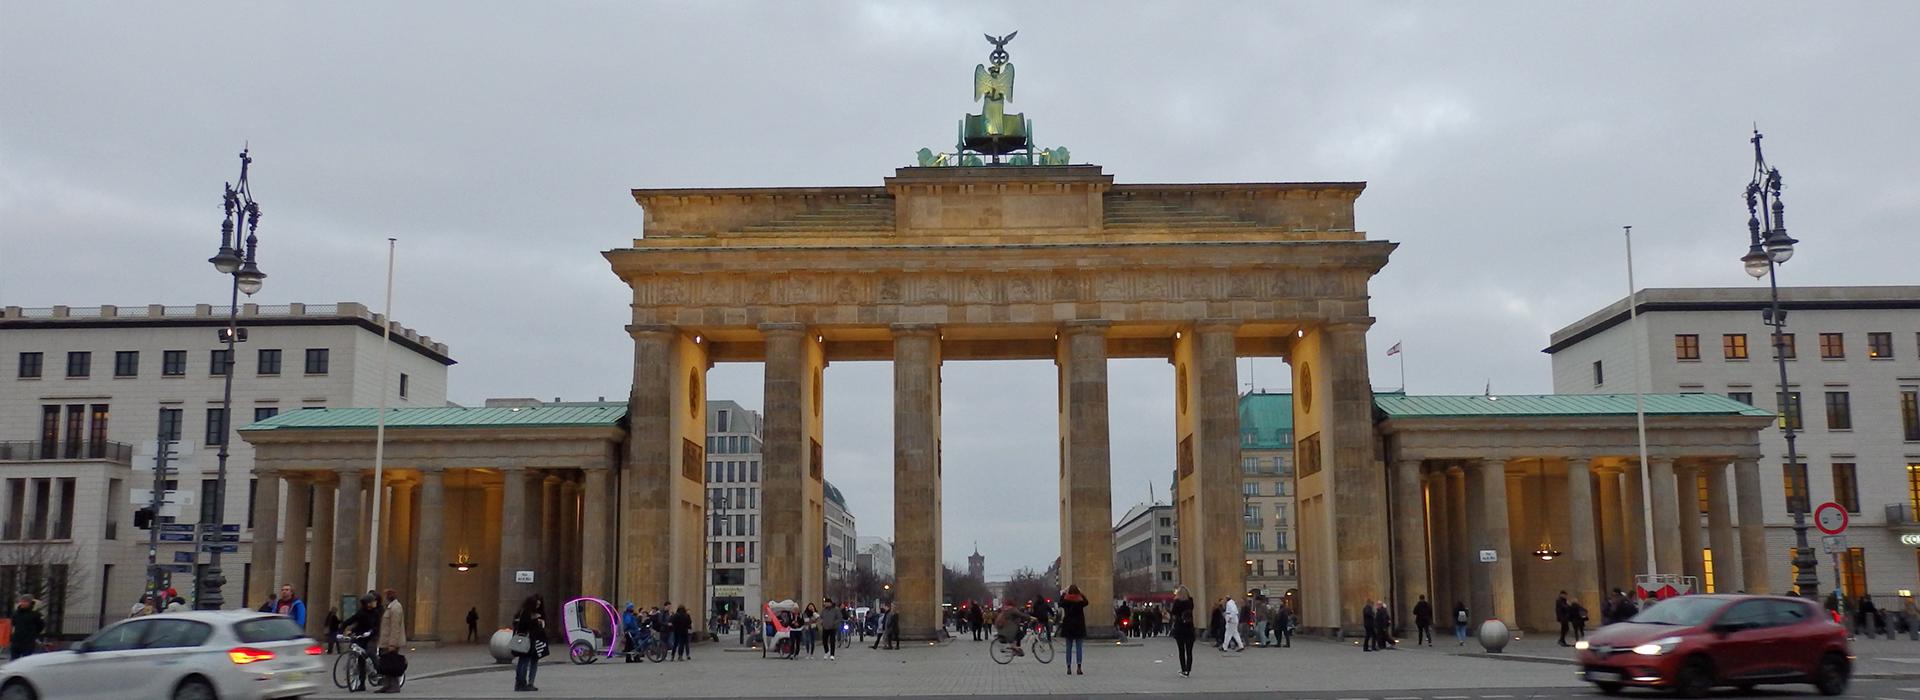 Alla scoperta del quartiere Mitte di Berlino